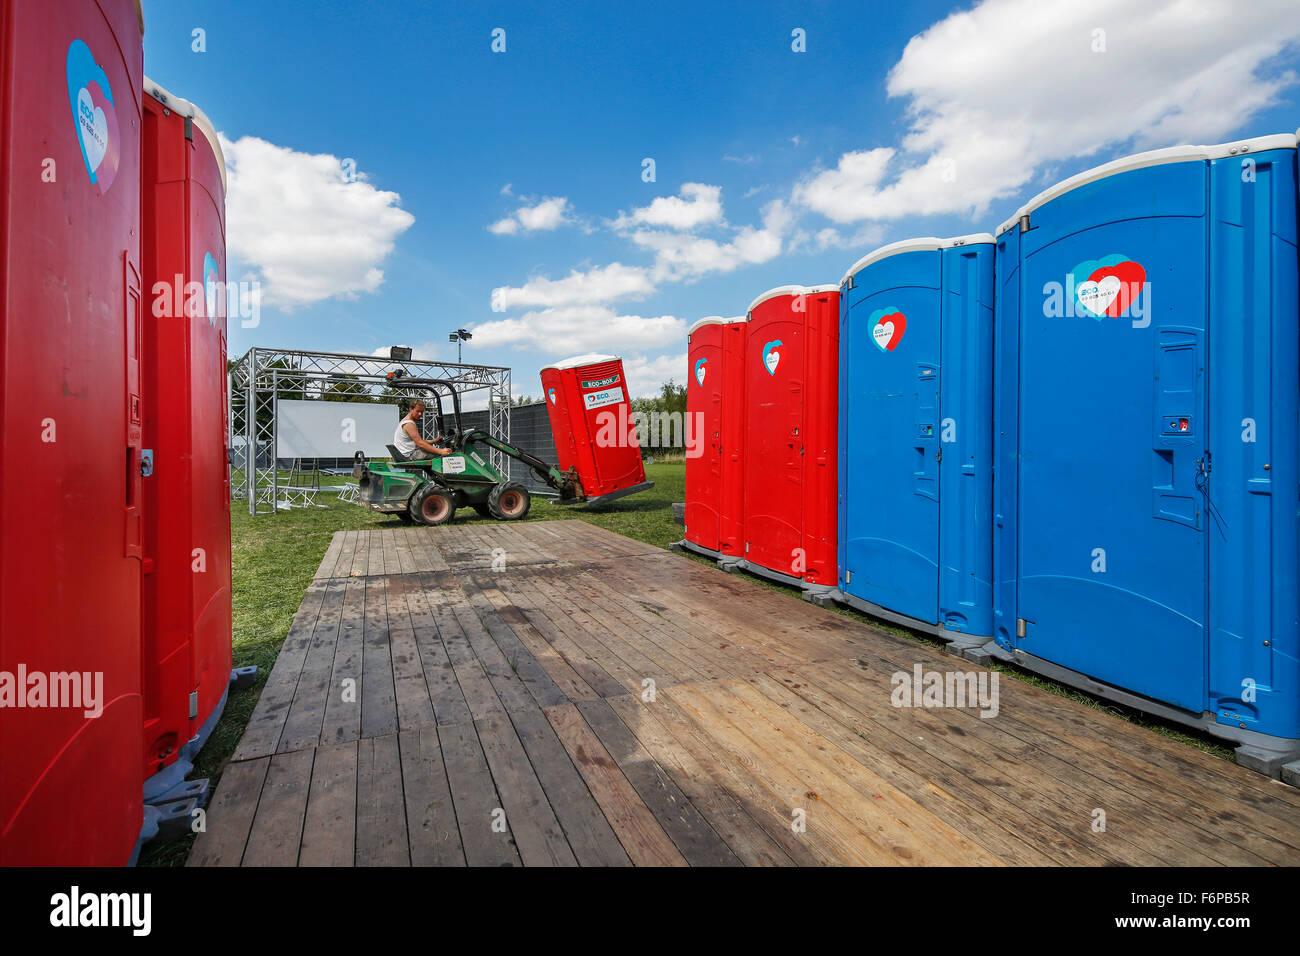 Platzierung der Reihen von bunten Mobiltoiletten bei outdoor-event Stockbild